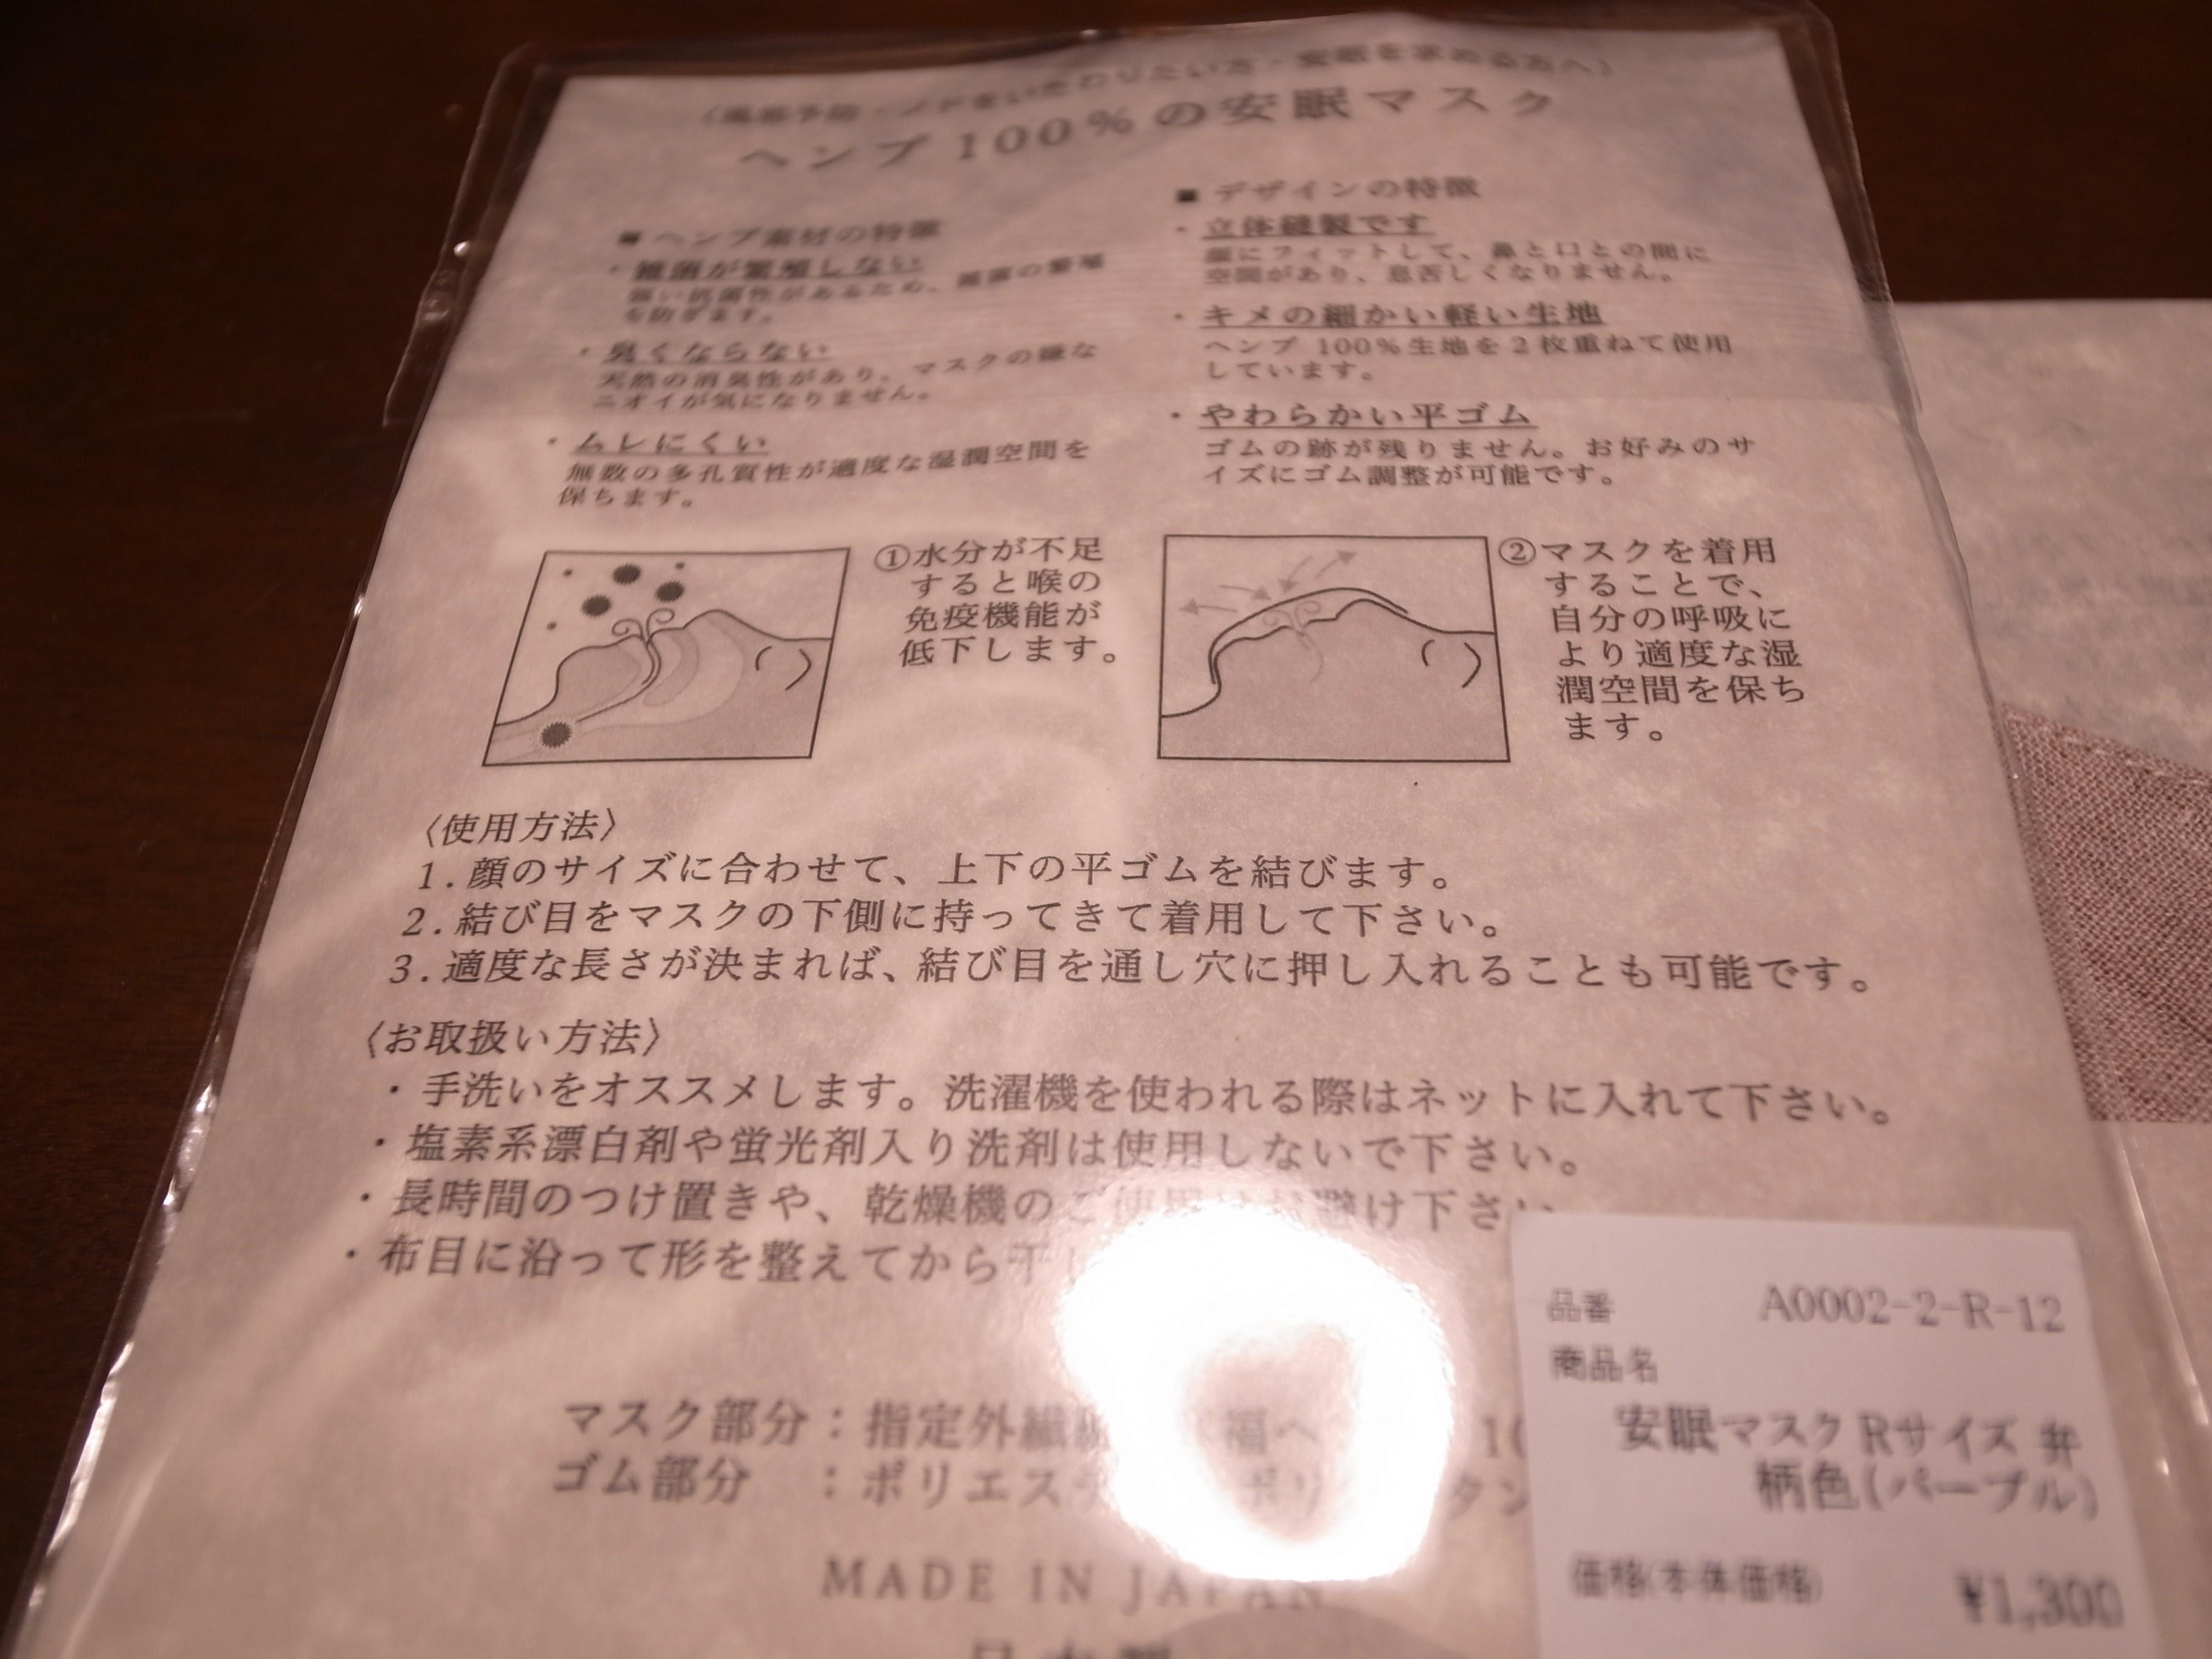 Asafuku_hemp_mask 02